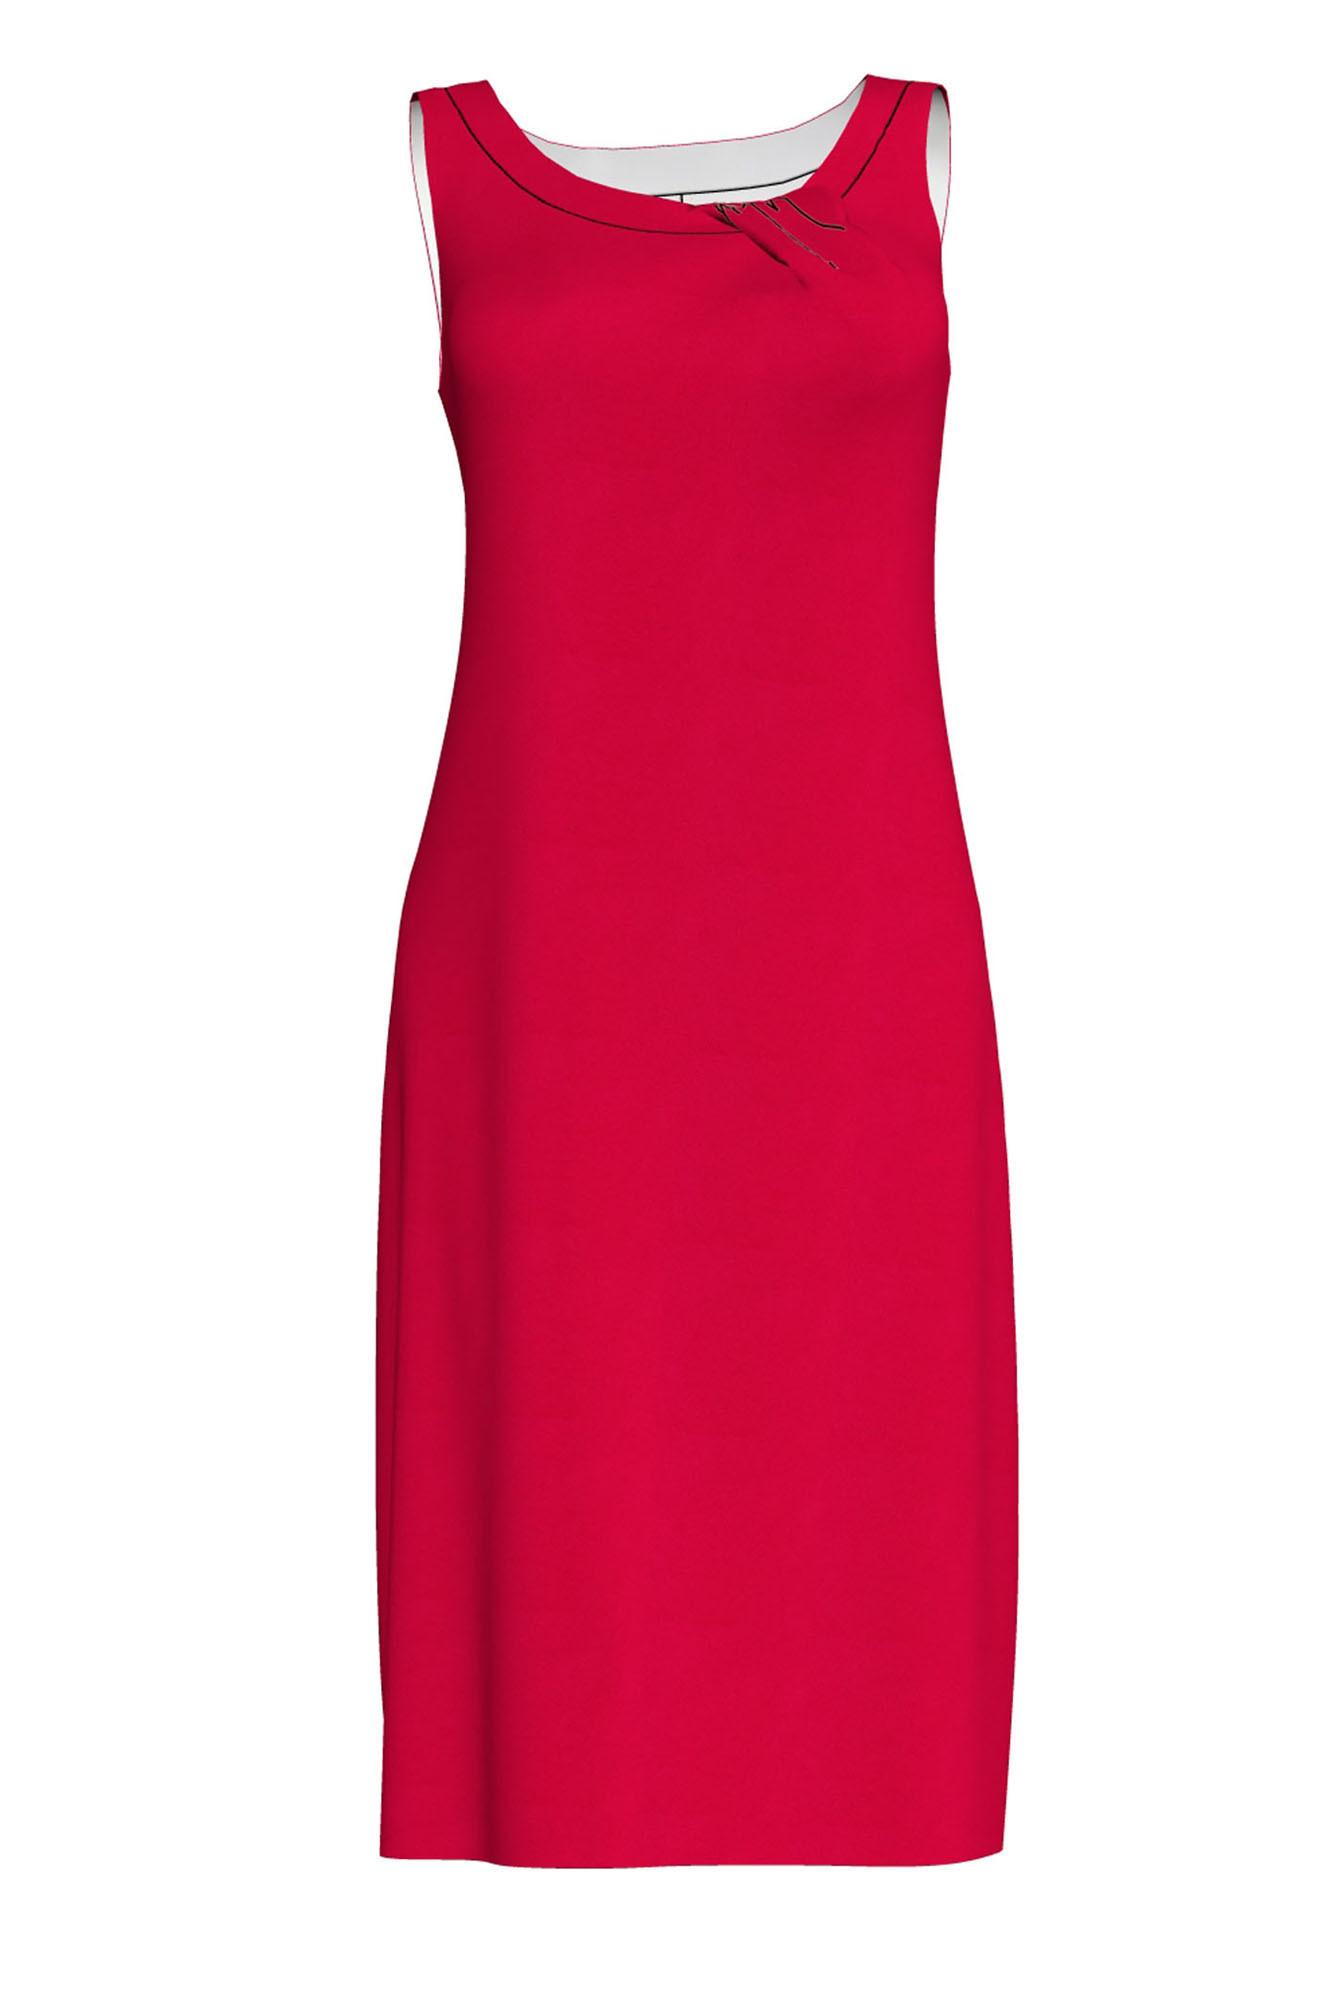 Dámské plážové šaty 6292 - Vamp Barva: červený ibišek, Velikost: L